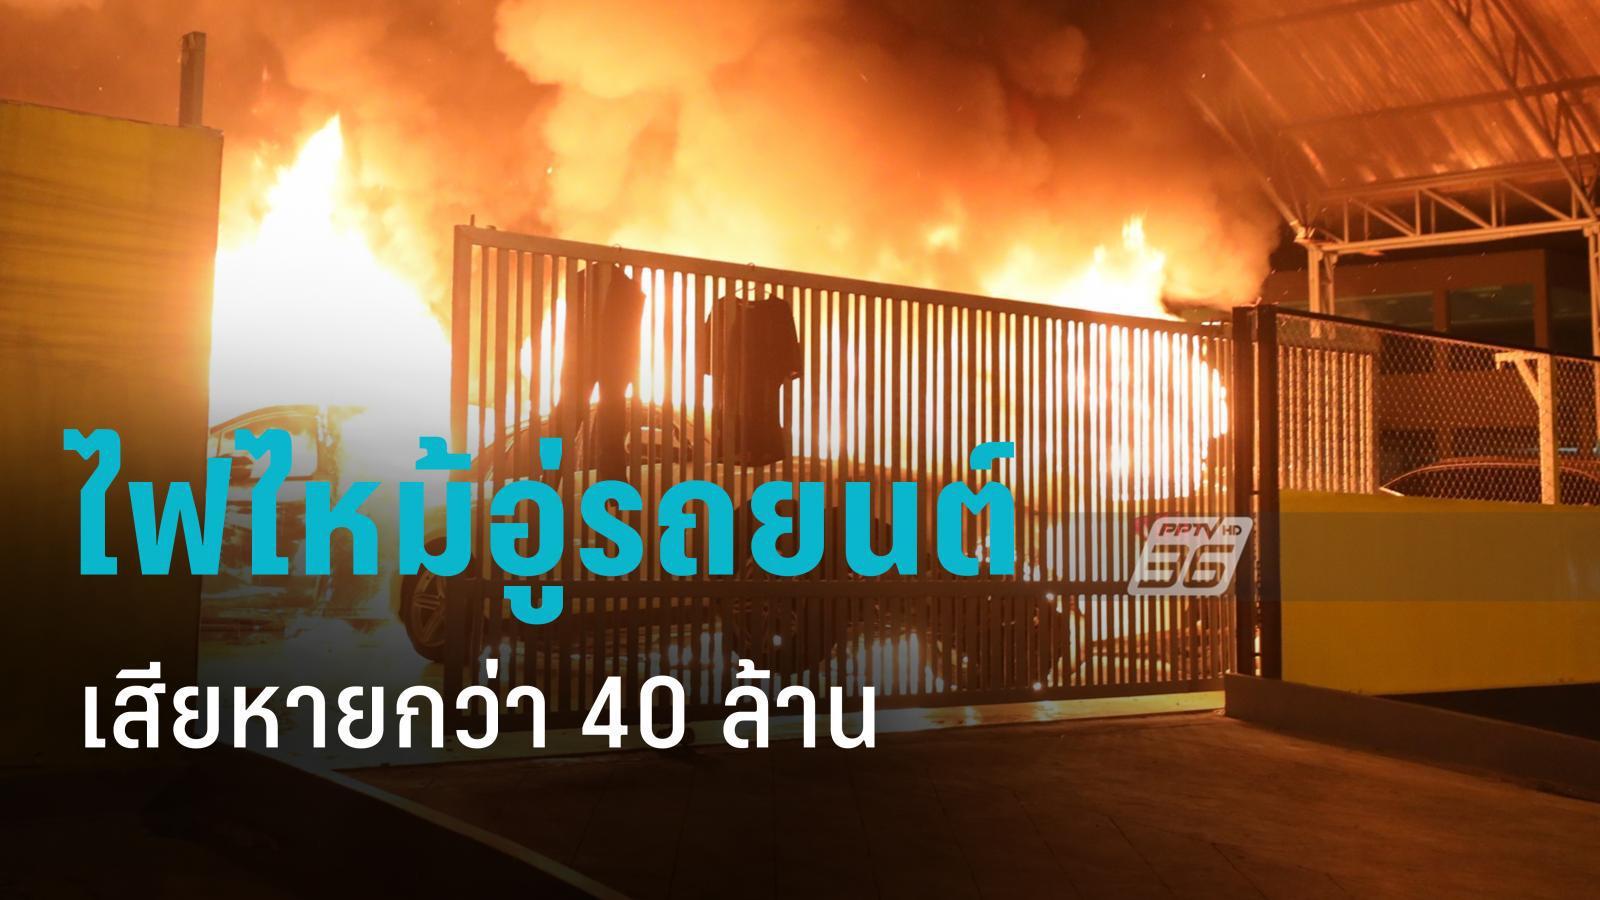 ไฟไหม้อู่รถยนต์ย่านประเวศ เสียหายกว่า 40 ล้าน